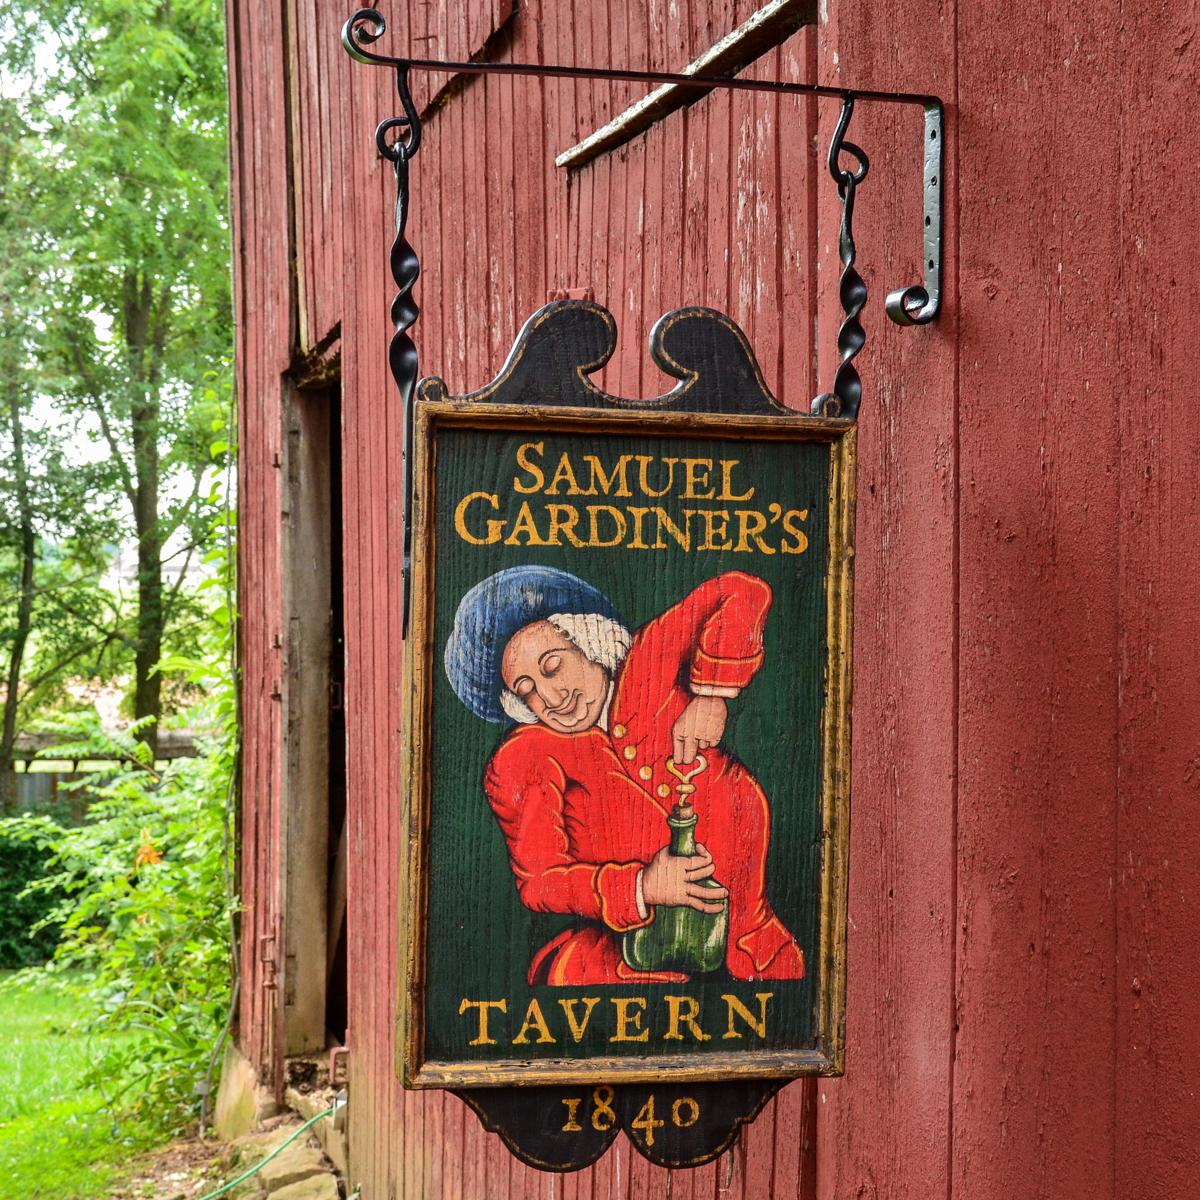 Sam Gardiner's Tavern